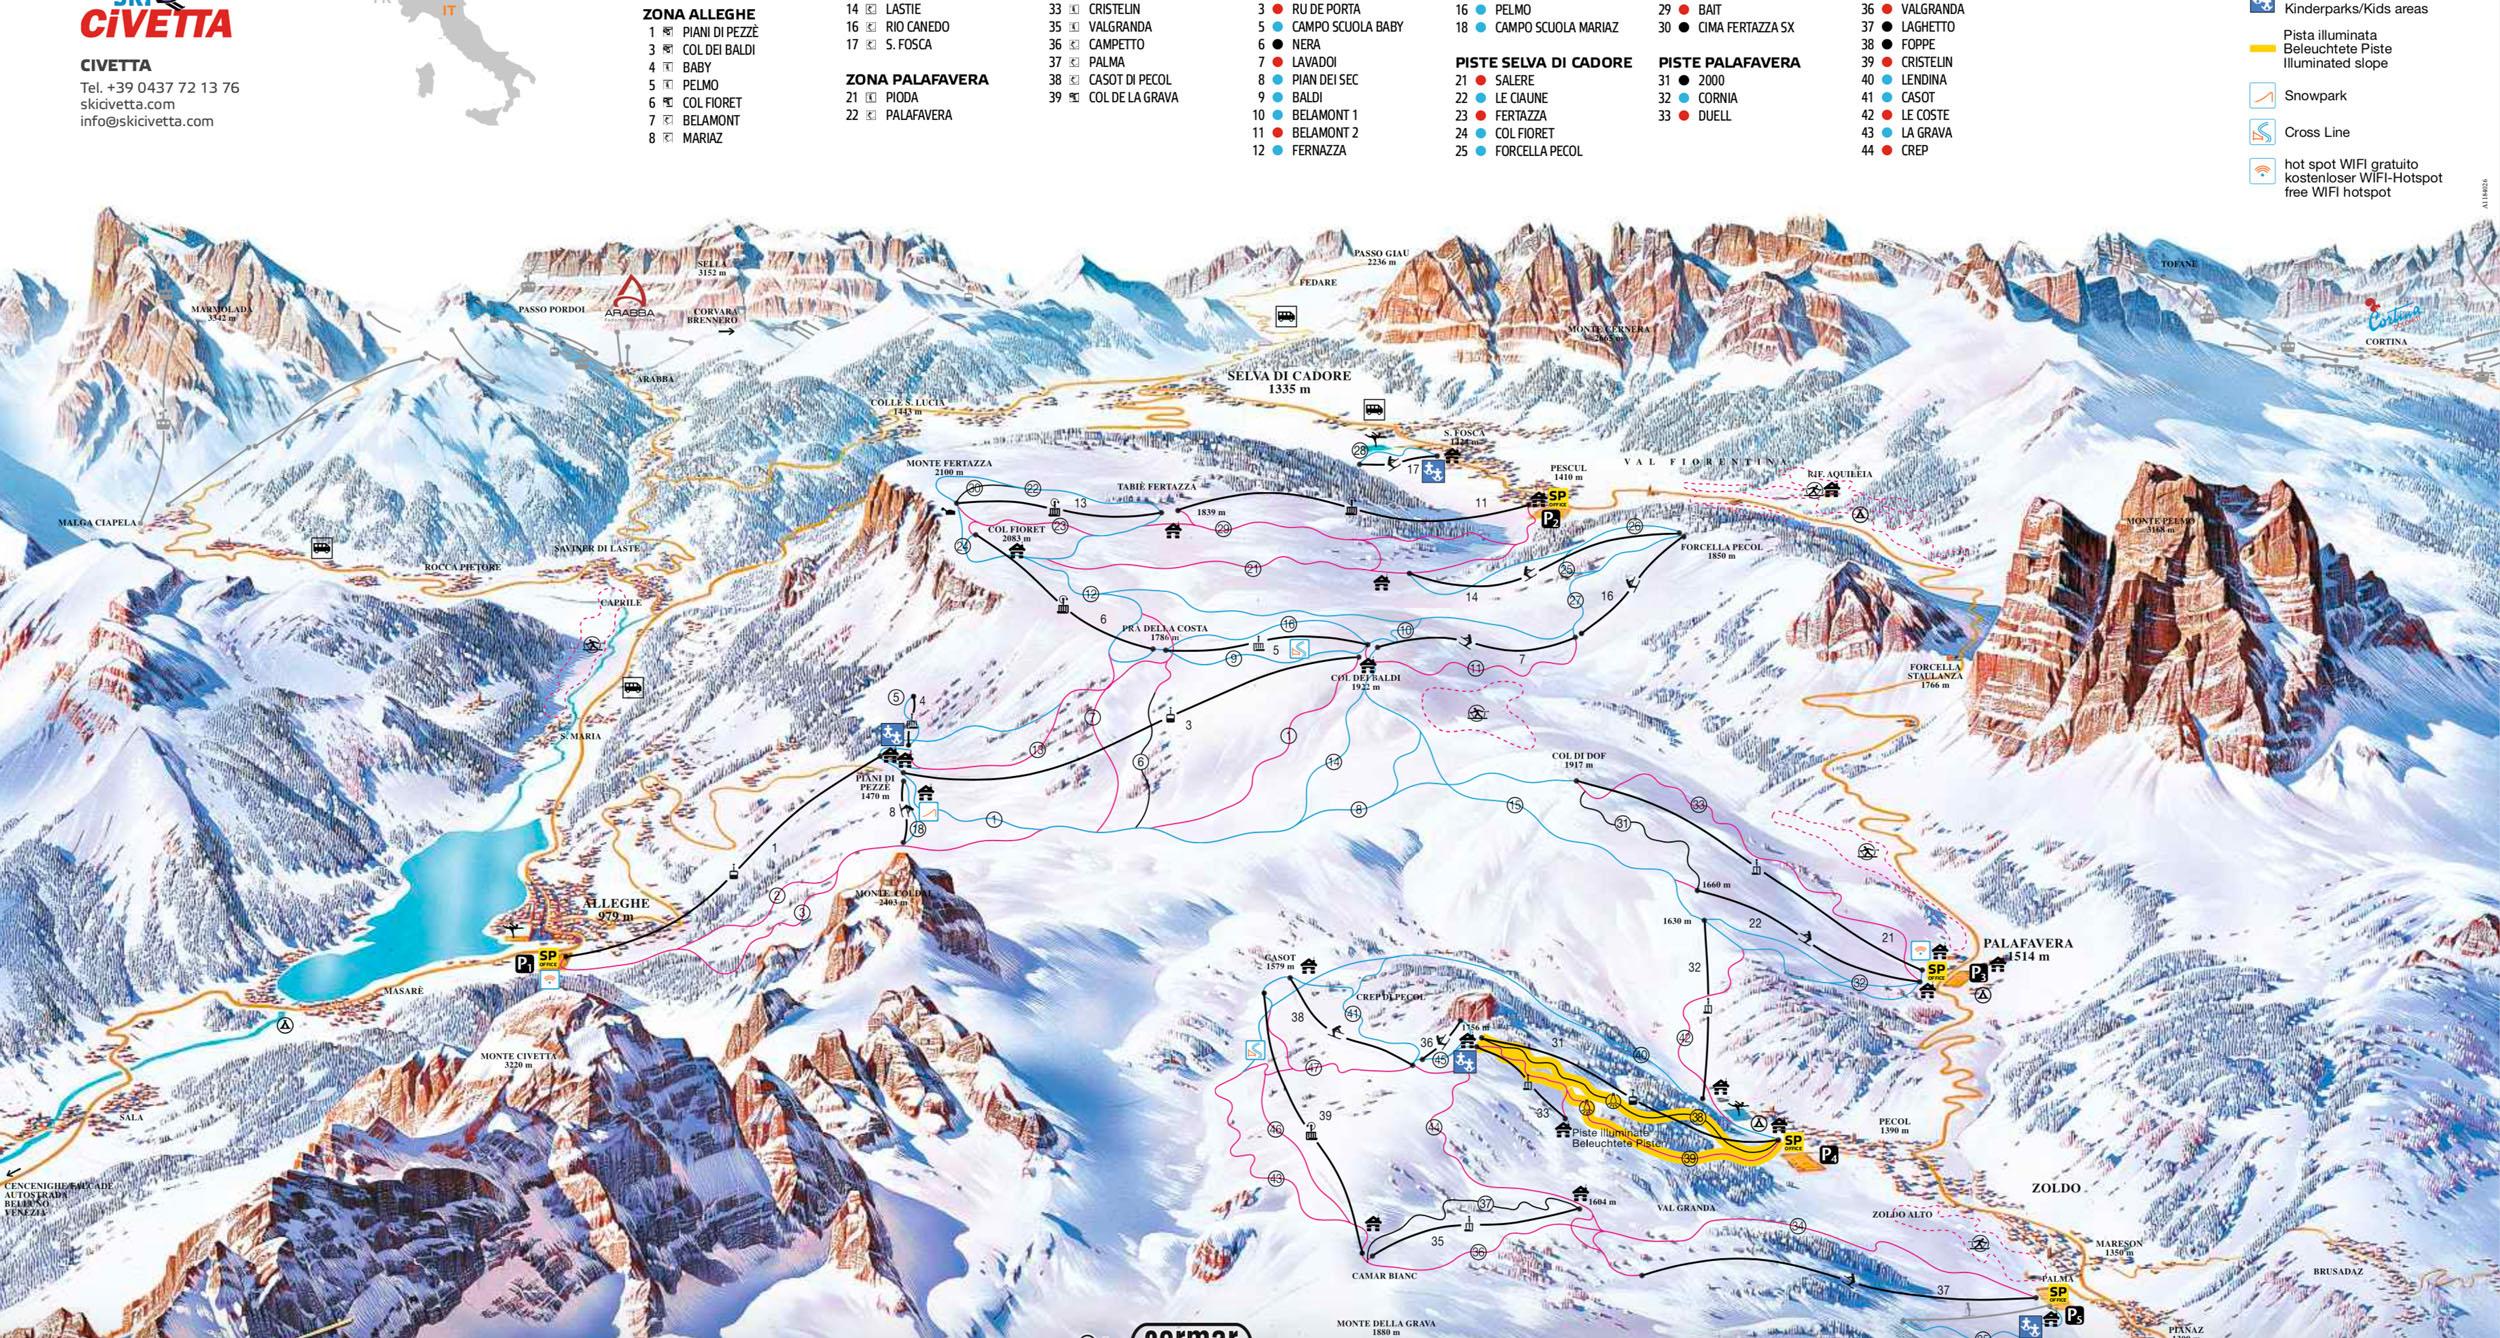 Civetta ski mapa